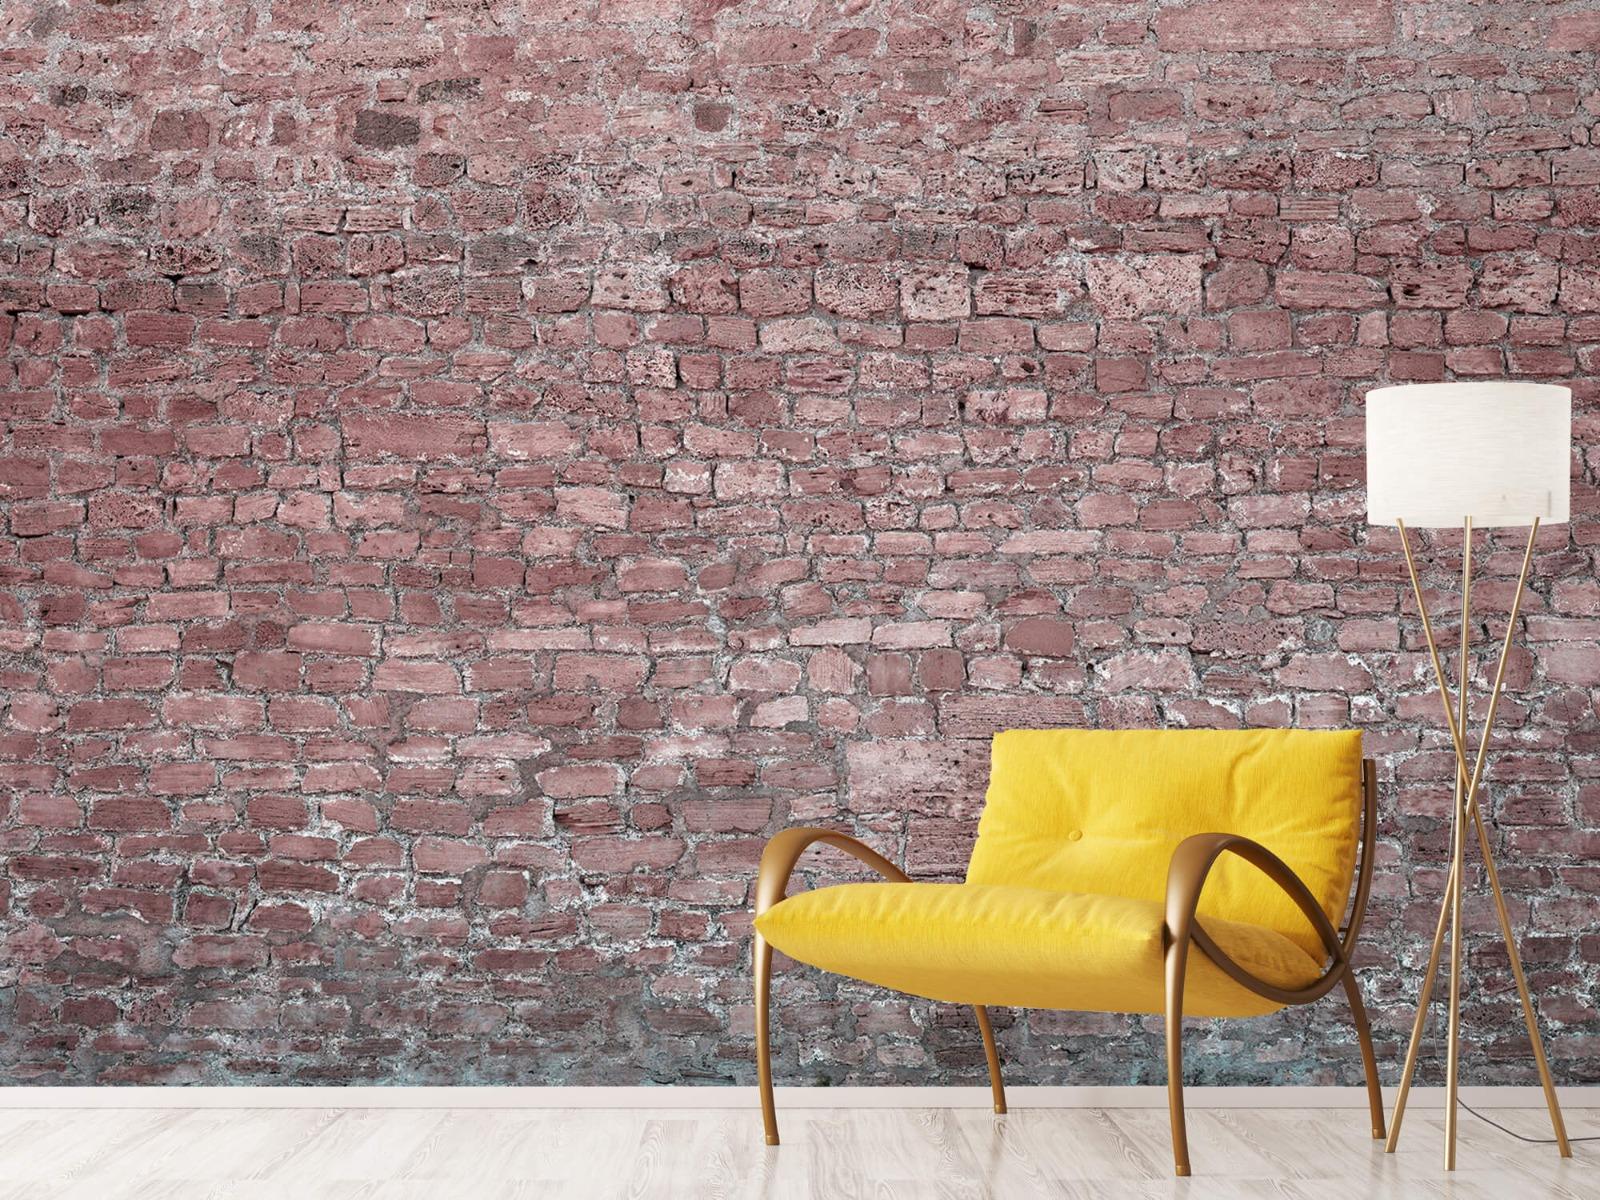 Steen behang - Muur van oude stenen - Tienerkamer 10